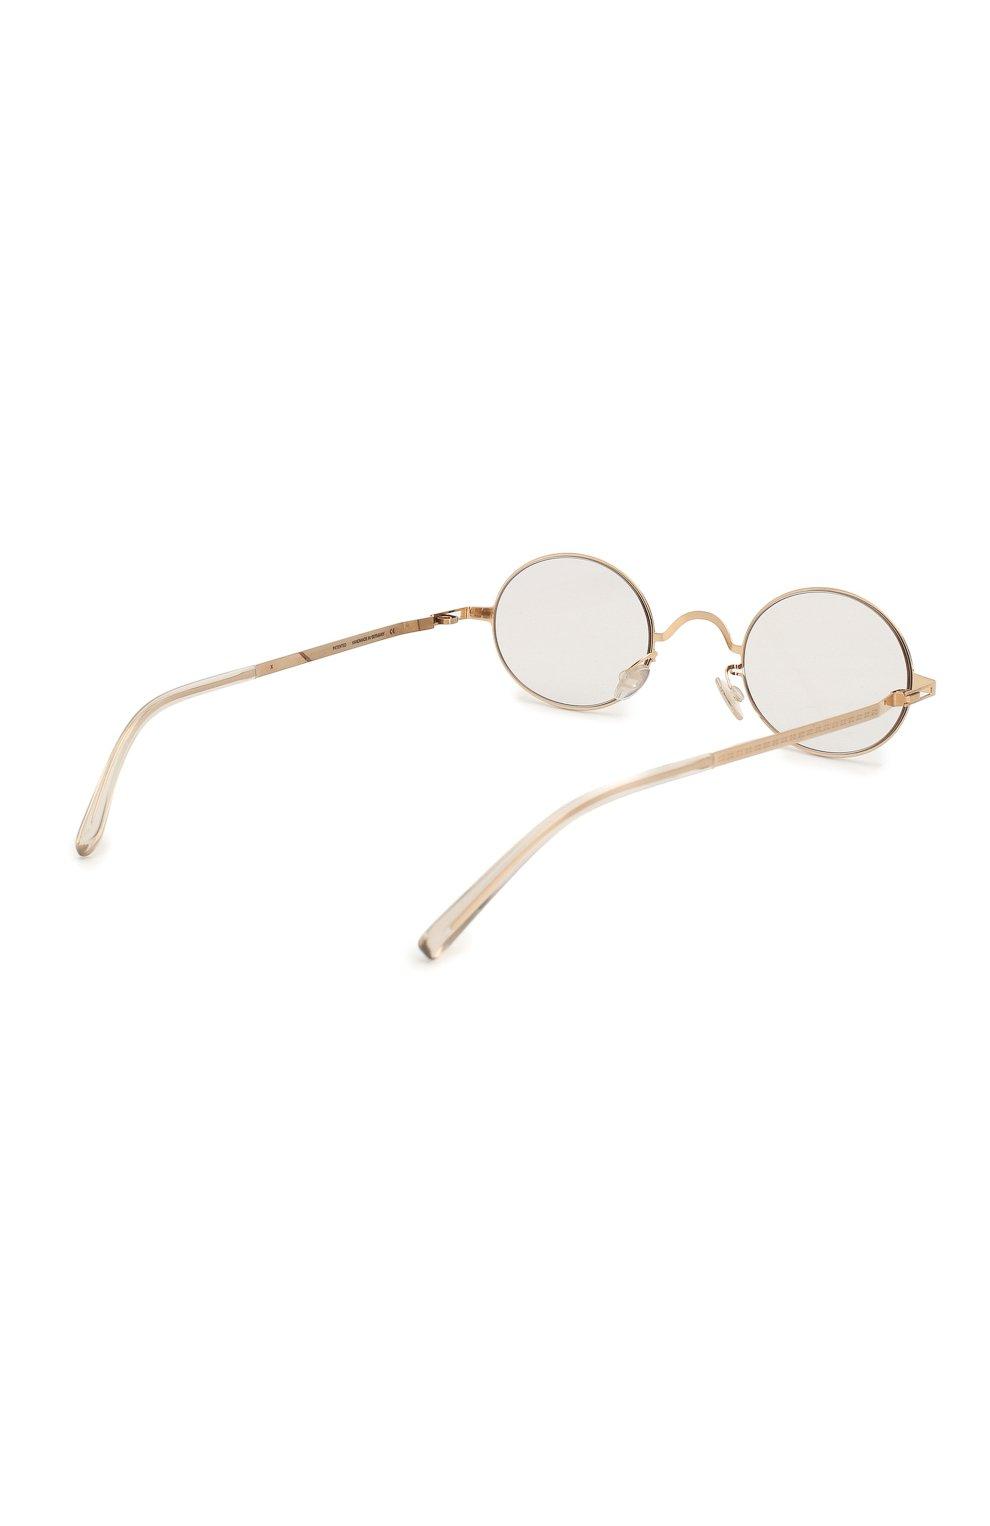 Женские солнцезащитные очки MAISON MARGIELA золотого цвета, арт. MMCRAFT 005/291   Фото 5